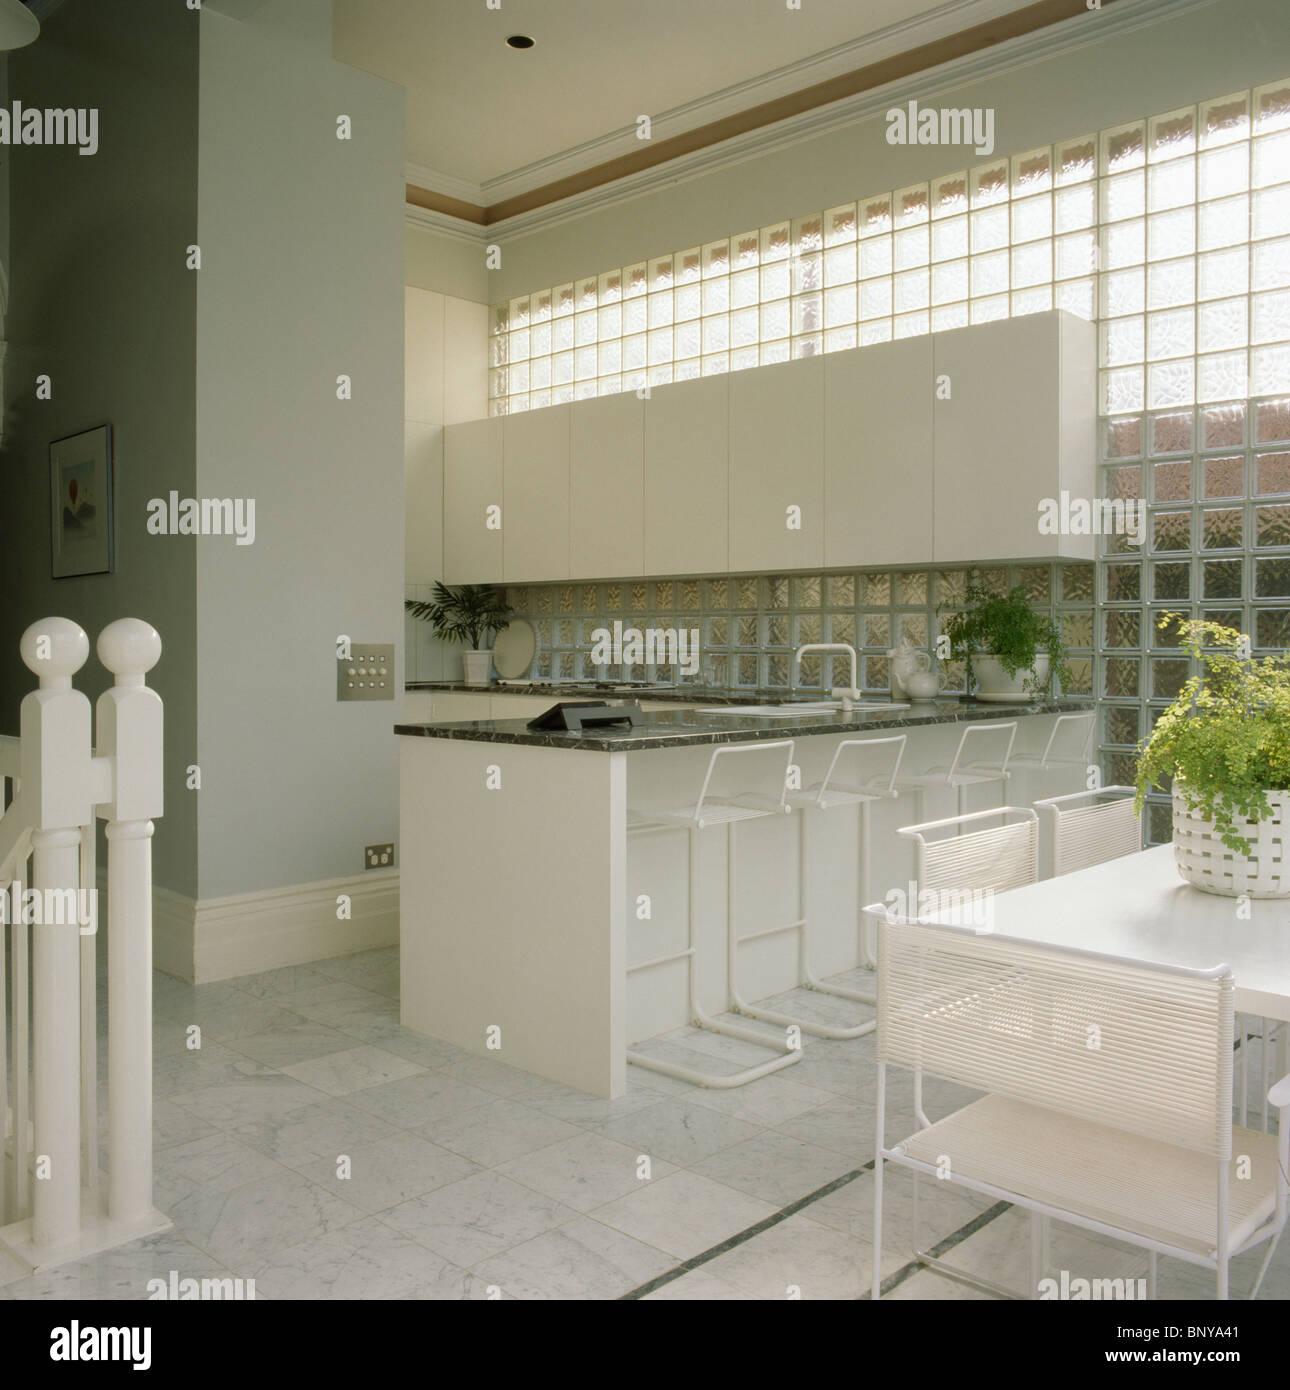 Glasbaustein-Wand in moderne Küche Esszimmer mit weißen Stühlen am ...